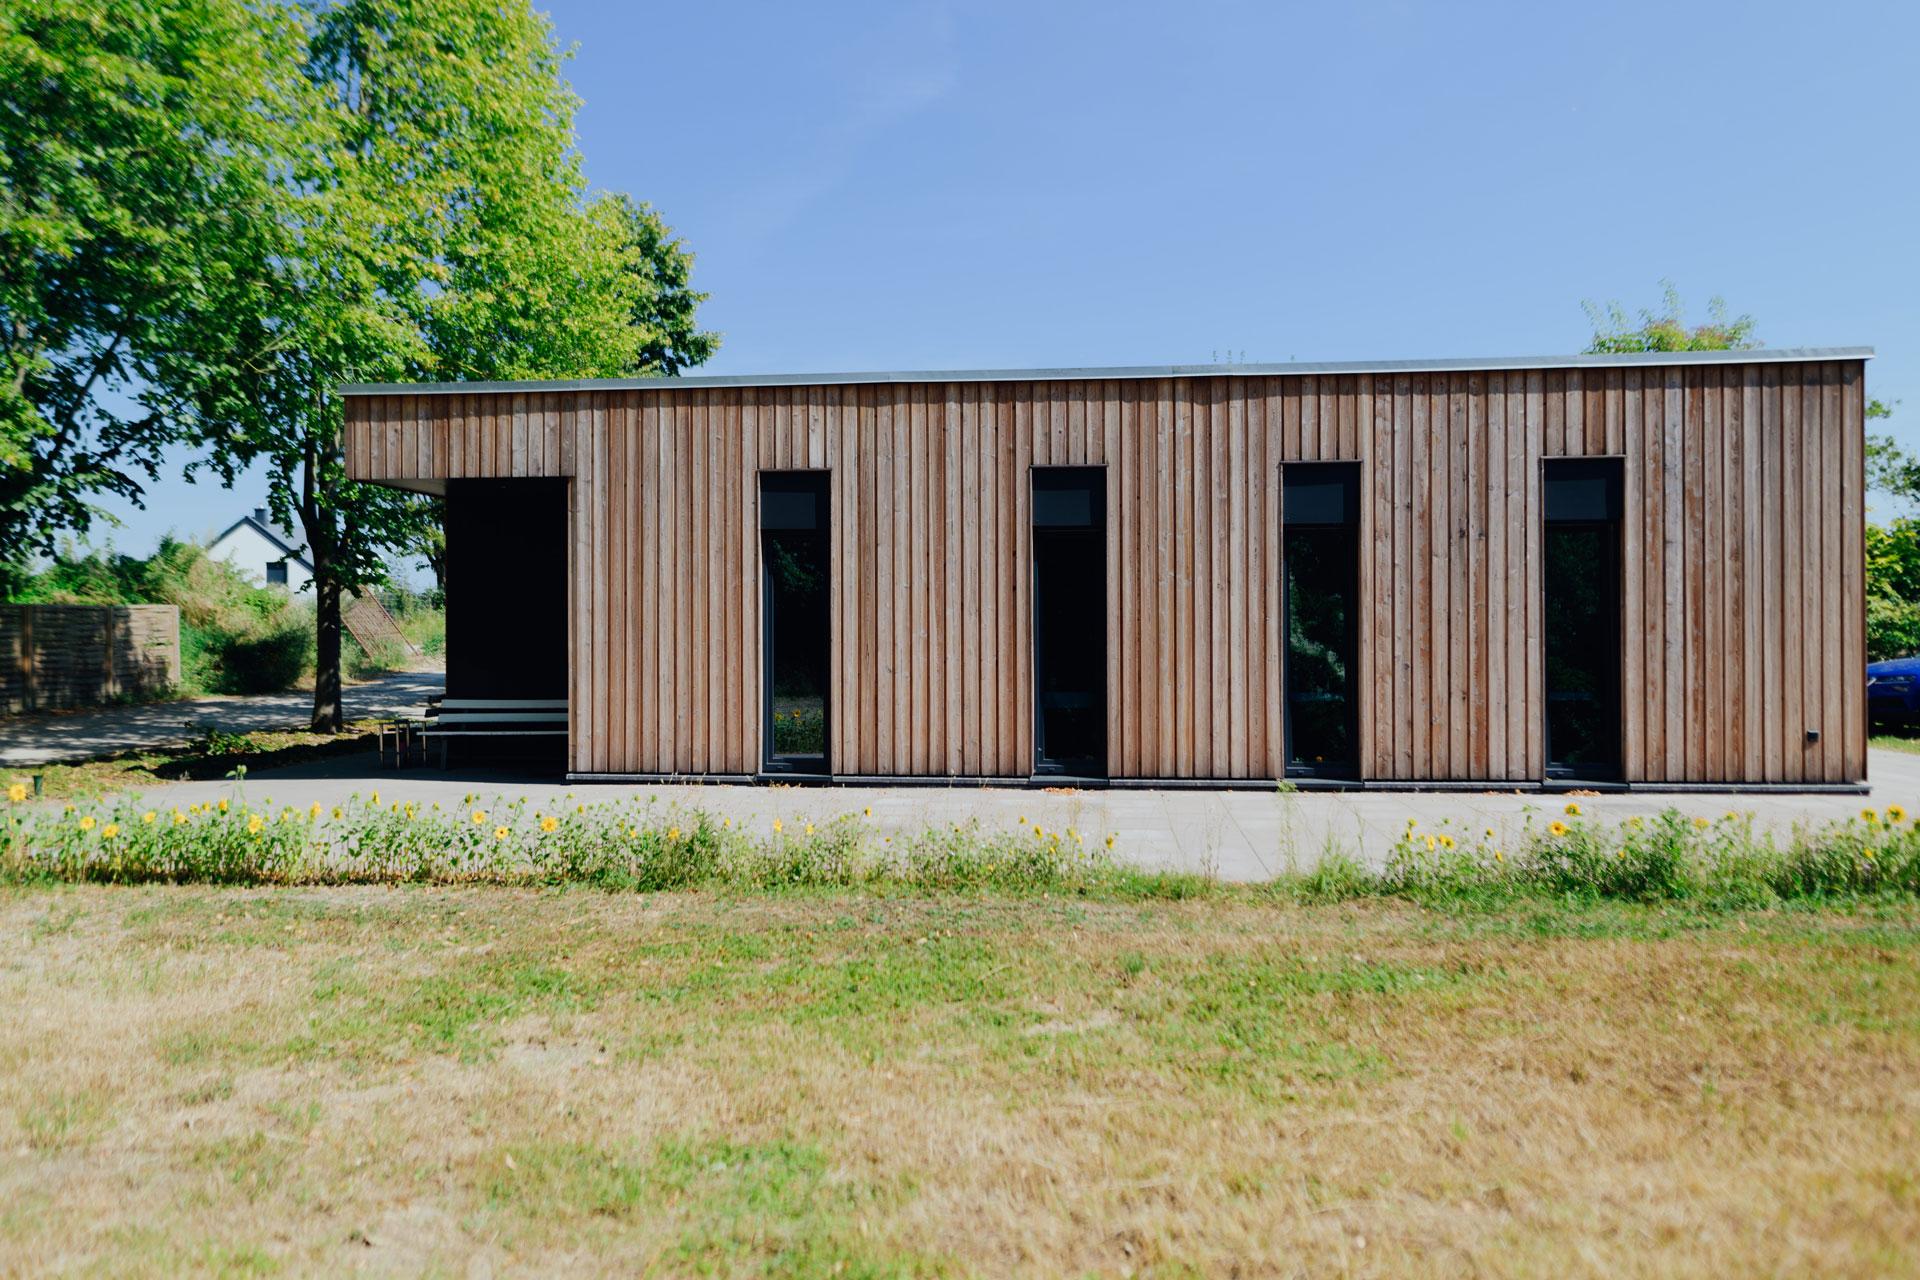 Sozialgebäude in Wismar / Totale